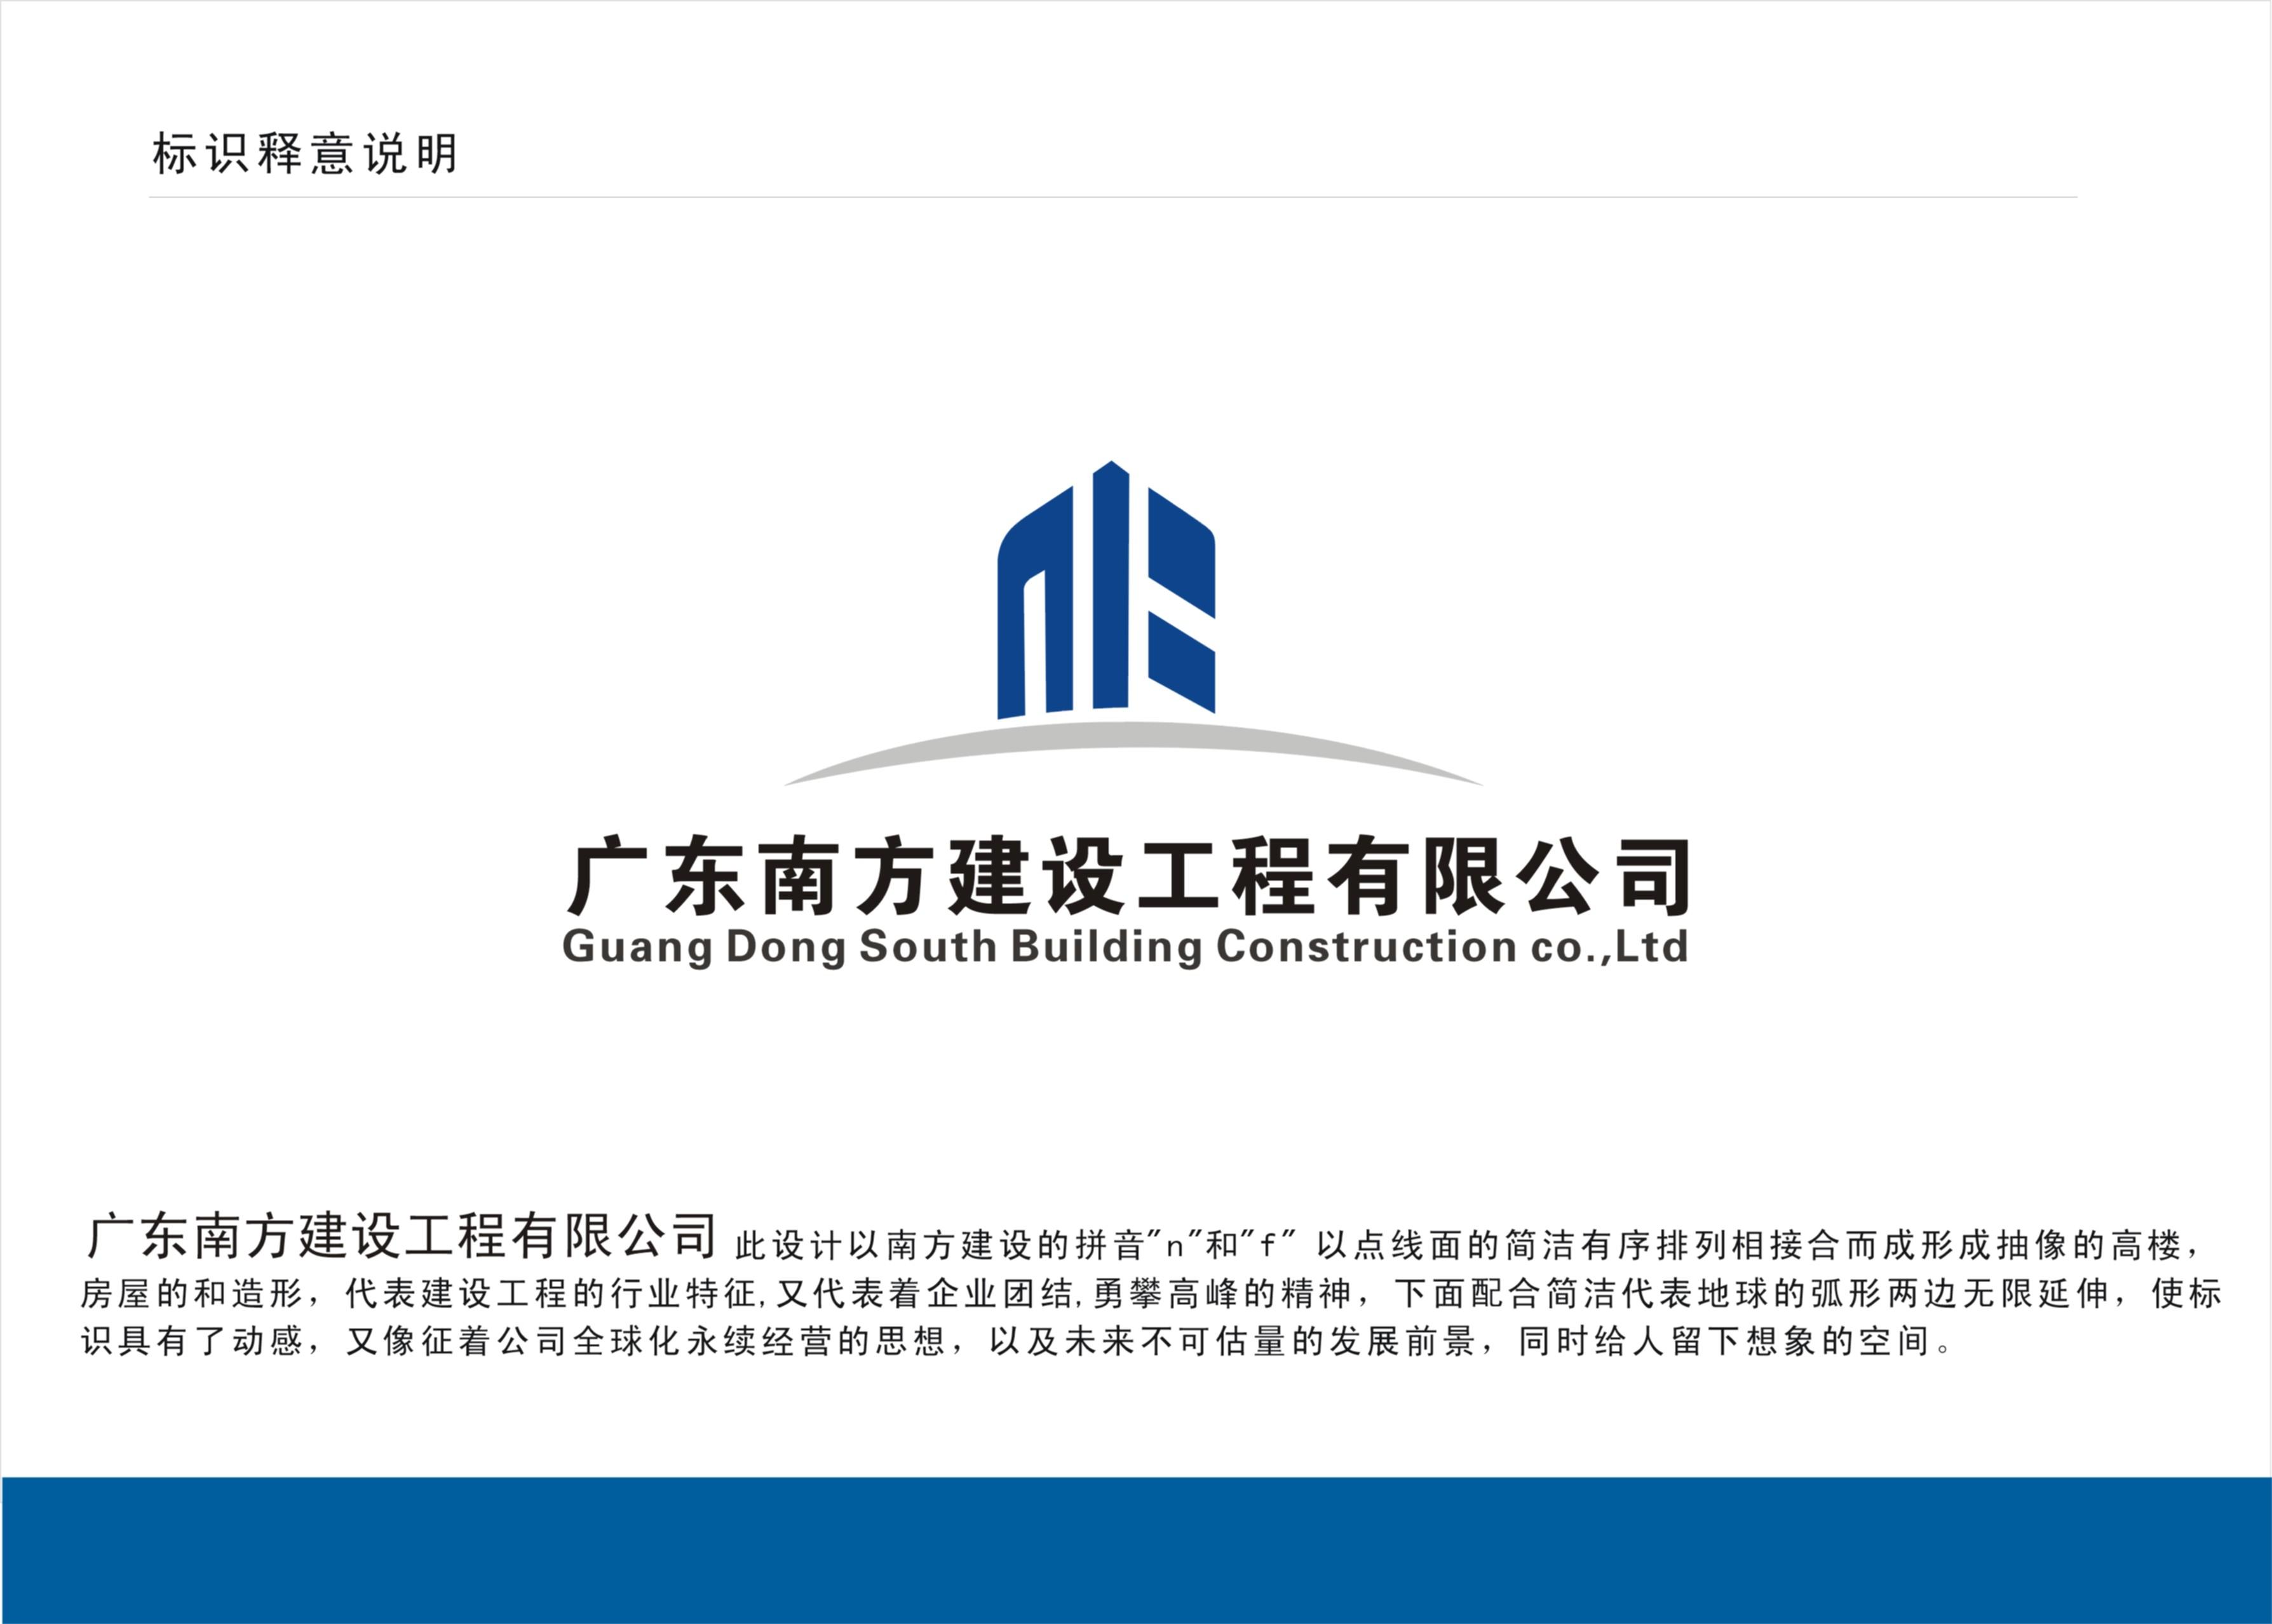 廣東南方建設集團有限公司